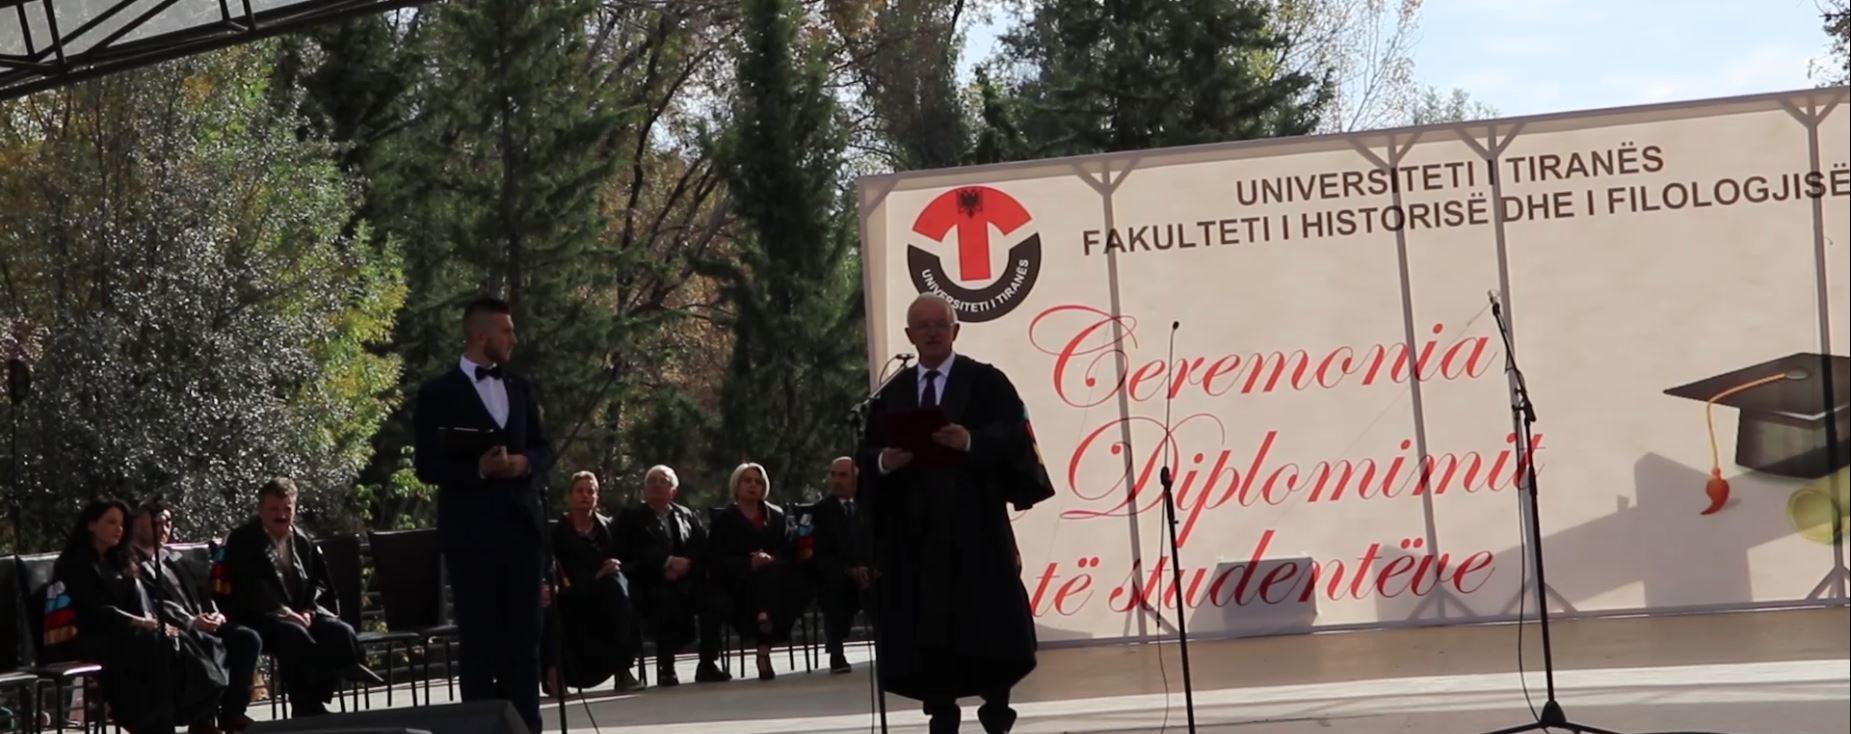 Përshëndetja  e Dekanit të FHF-së, Prof. dr. Sabri LAÇI  në Ceremoninë e Diplomimit të studentëve